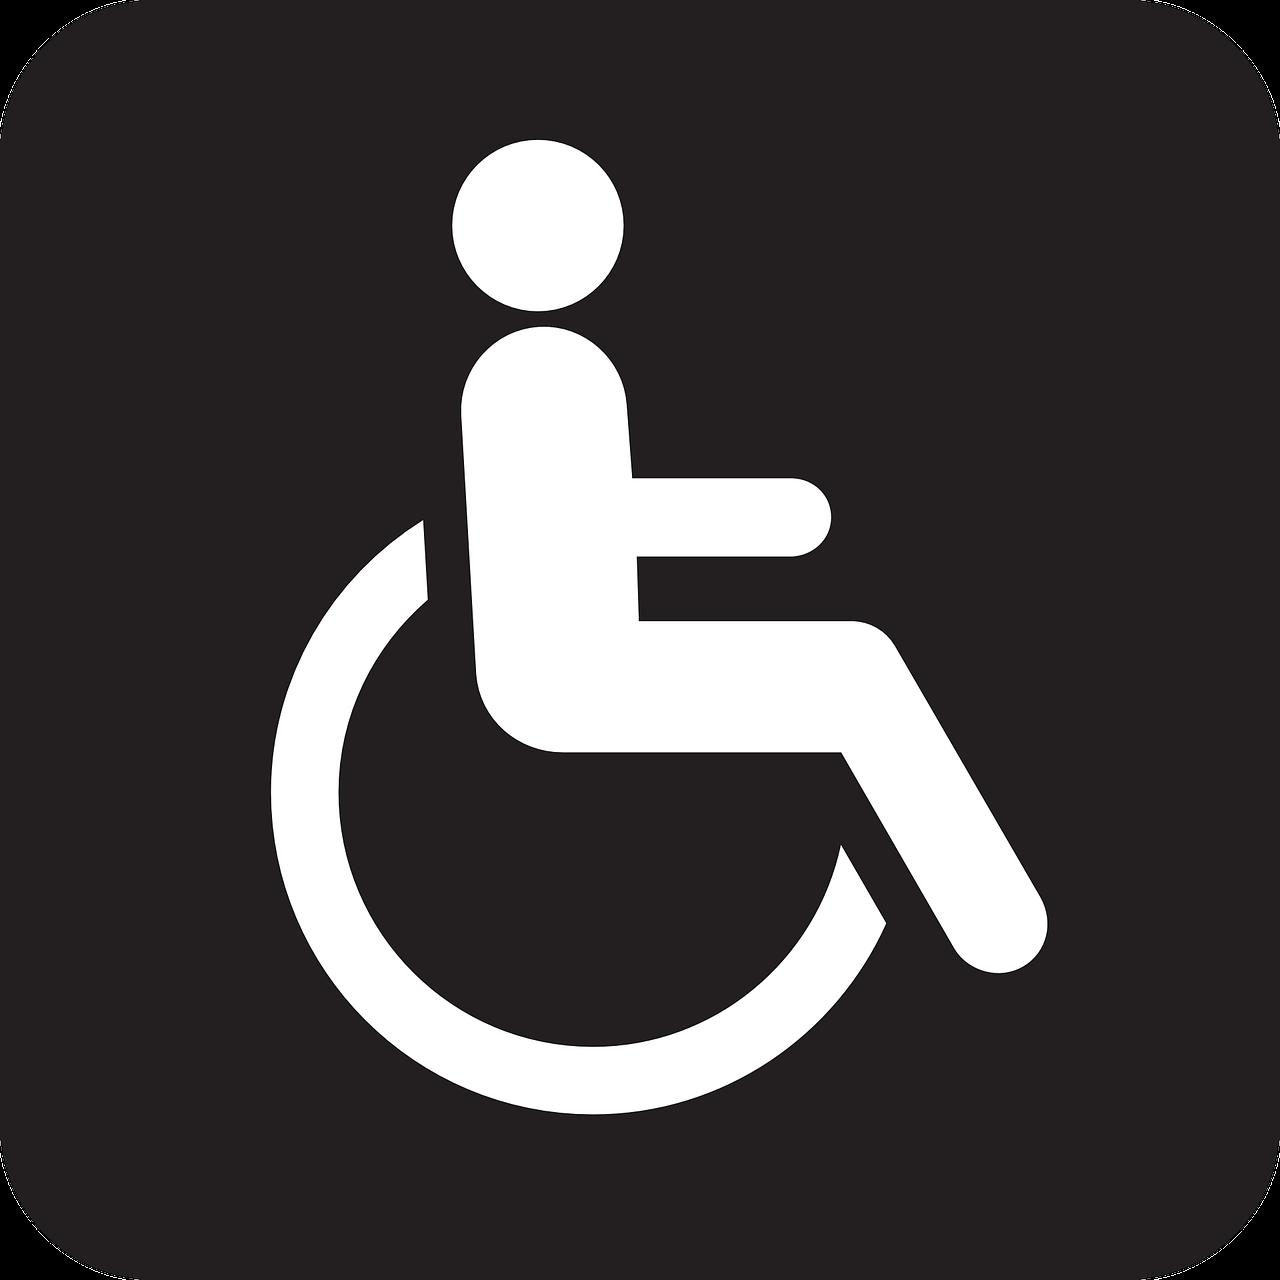 Amstelsprong ervaringen instelling gehandicaptenzorg verstandelijk gehandicapten